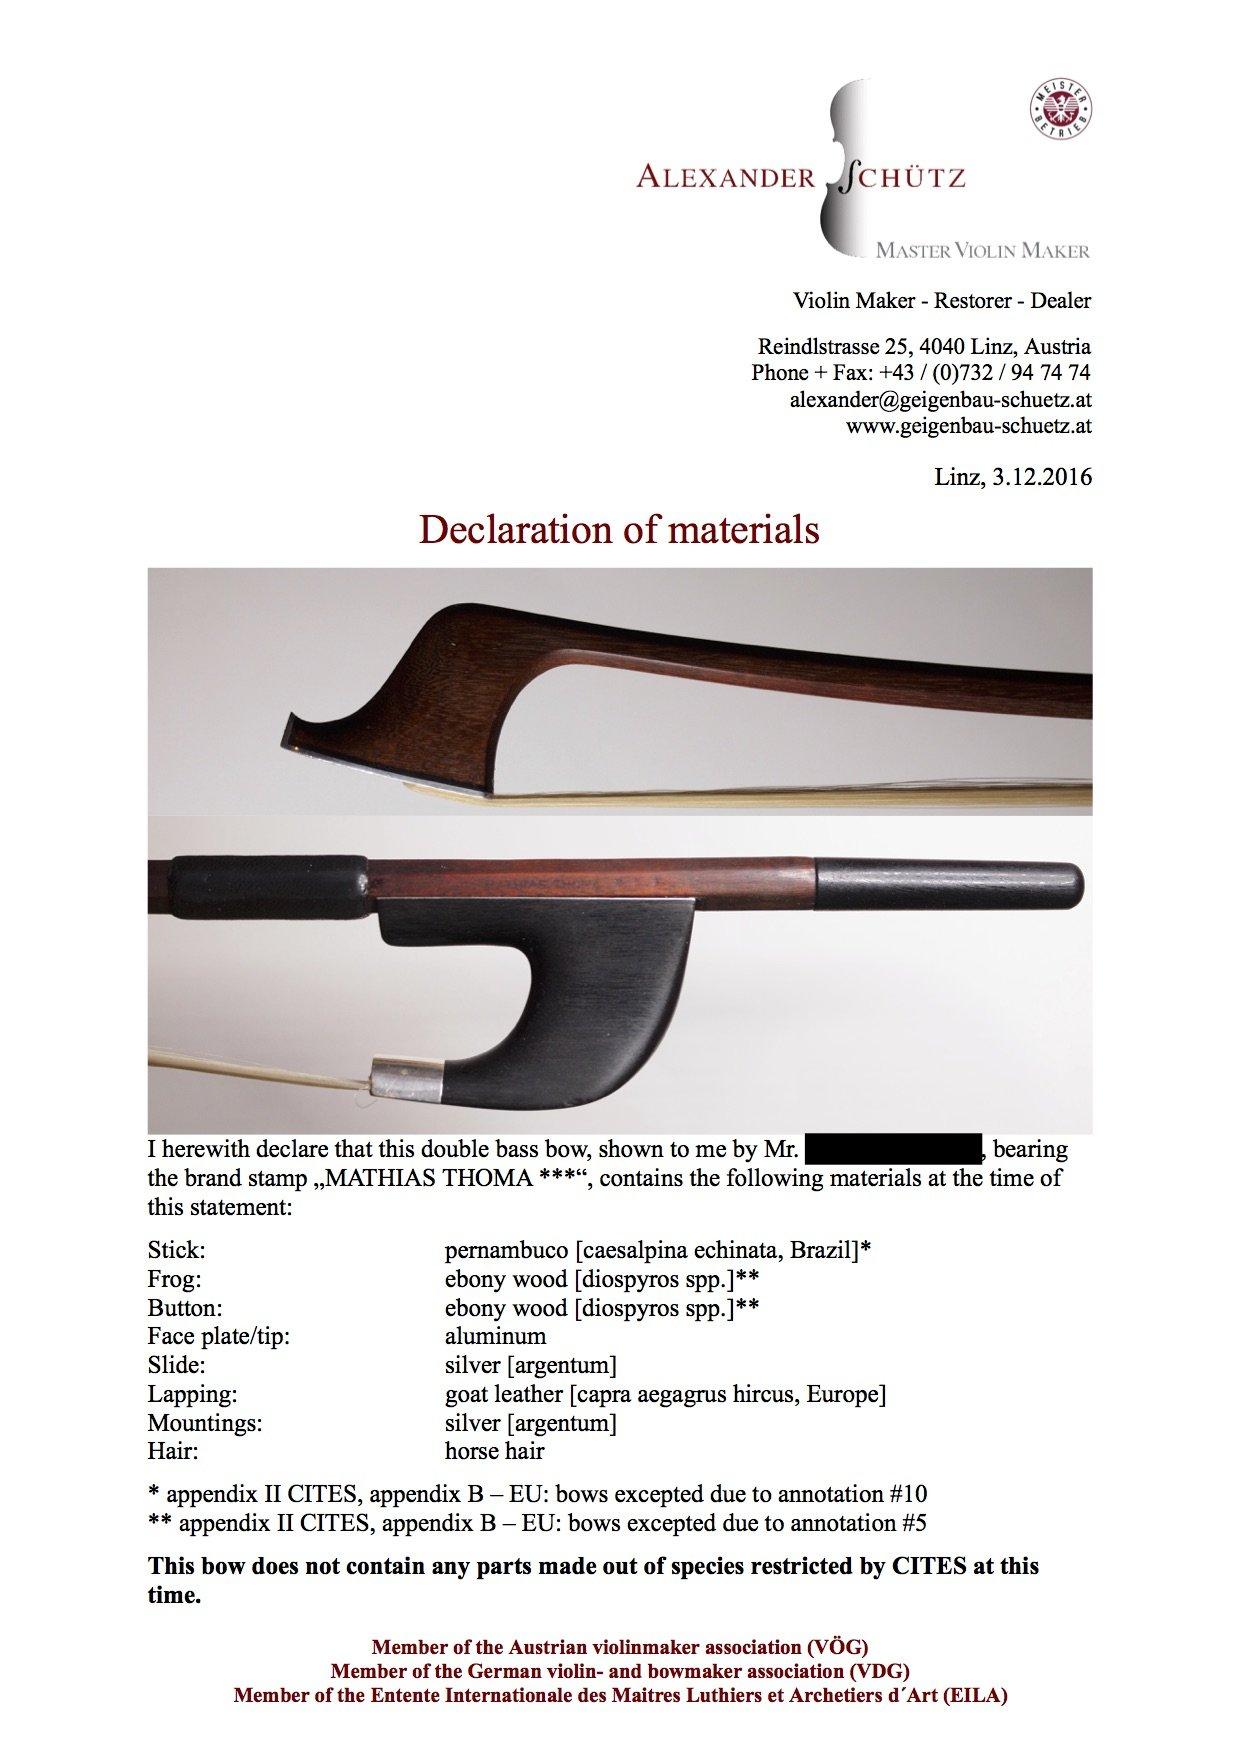 Declaration of Materials für einen Kontrabassbogen